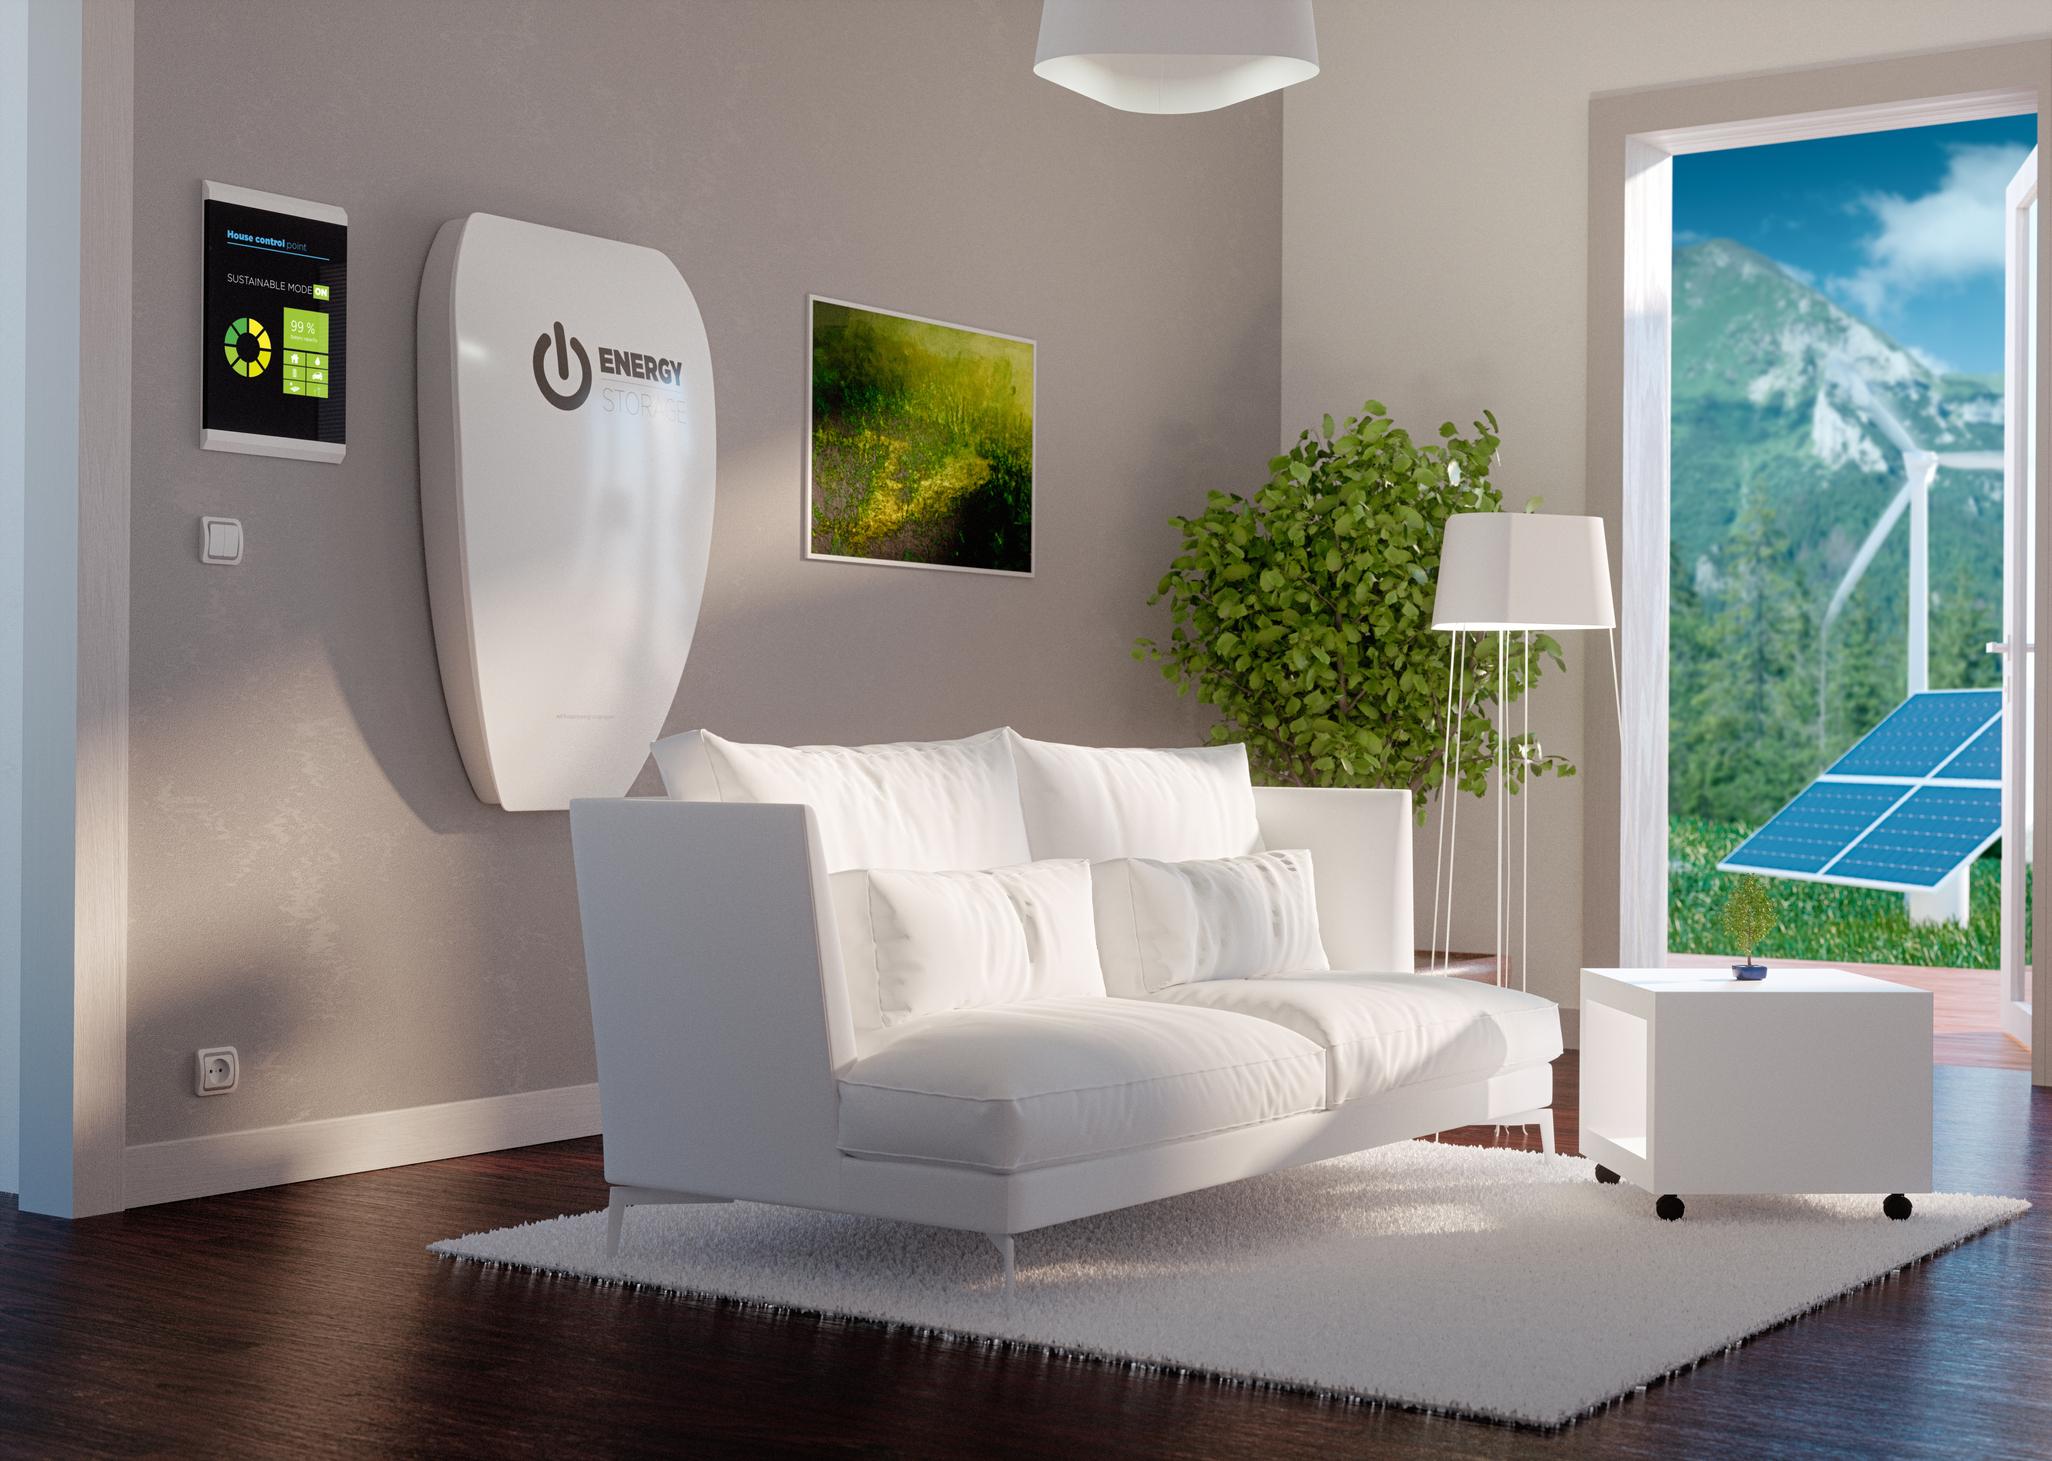 Batterie domestique stockage électricité Energreen